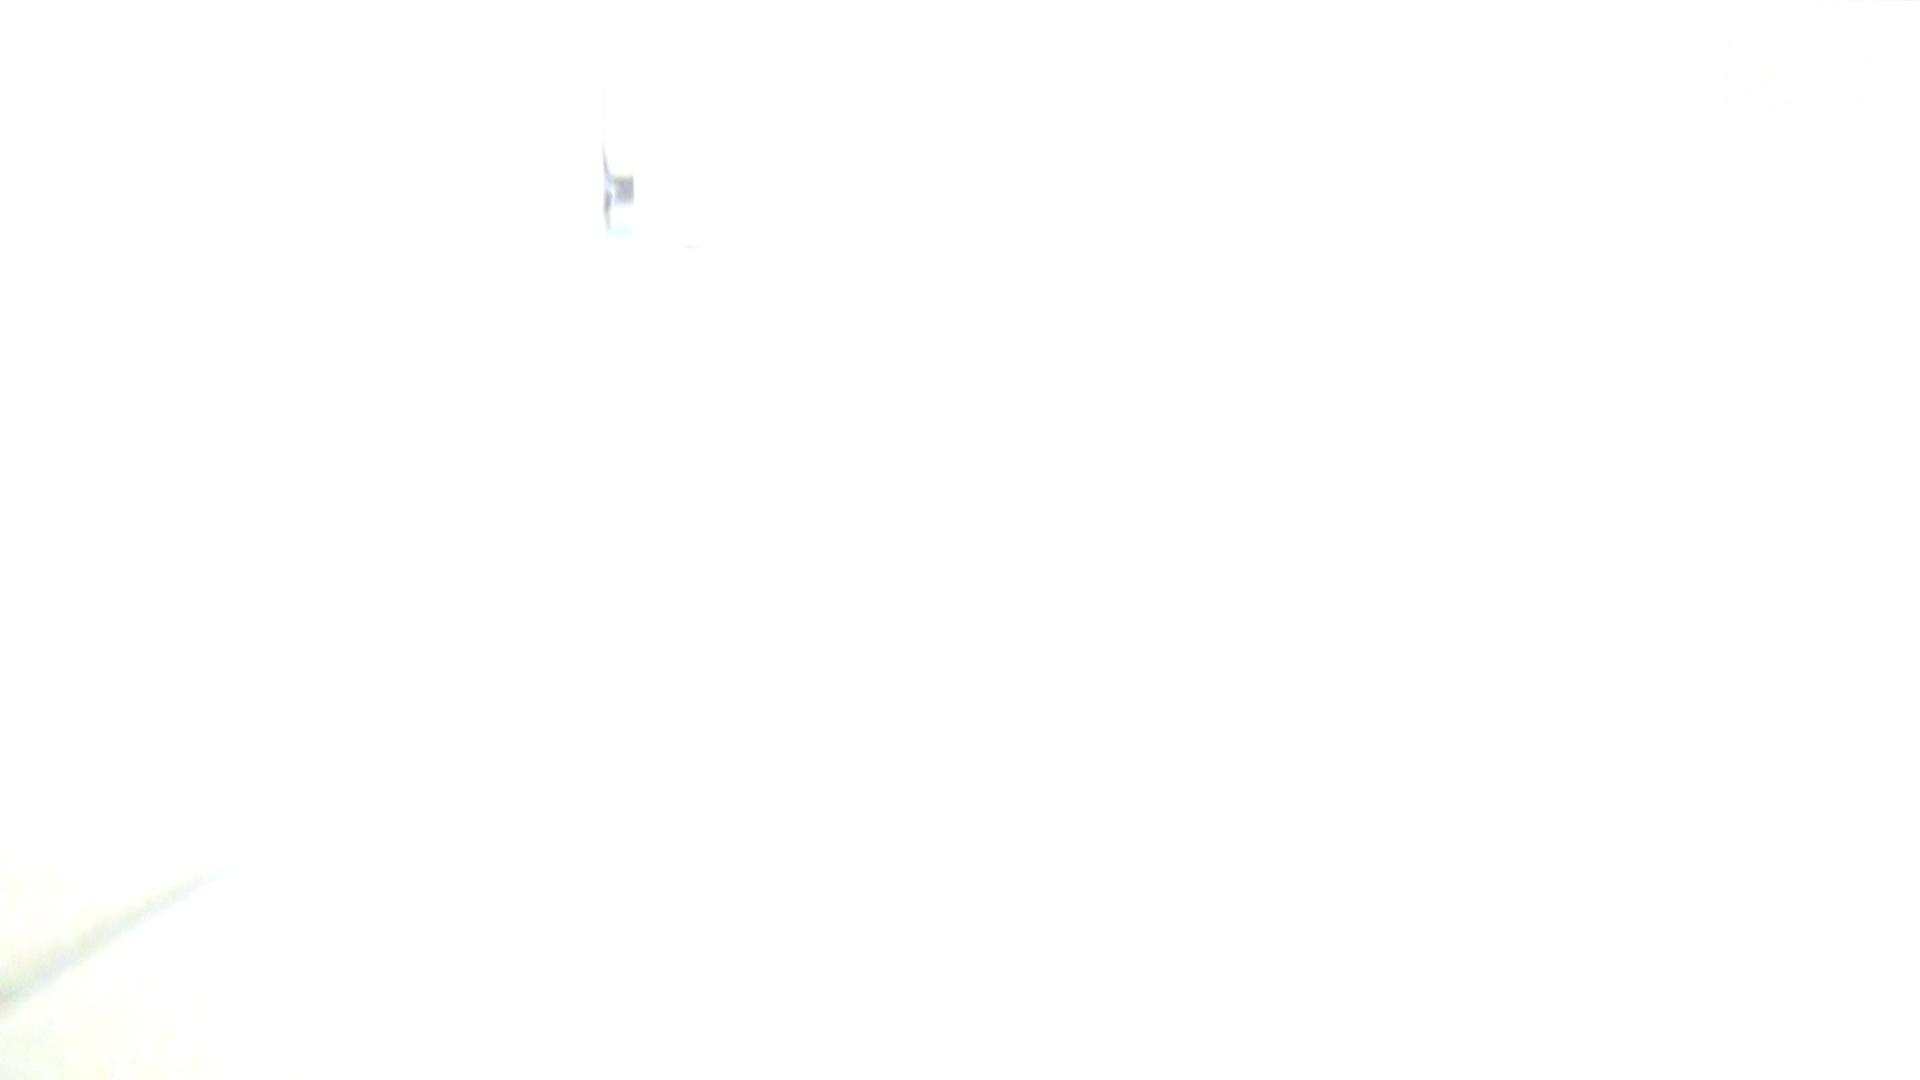 ナースのお小水 vol.003 ナースのエロ生活 | ギャルの下半身  101連発 10